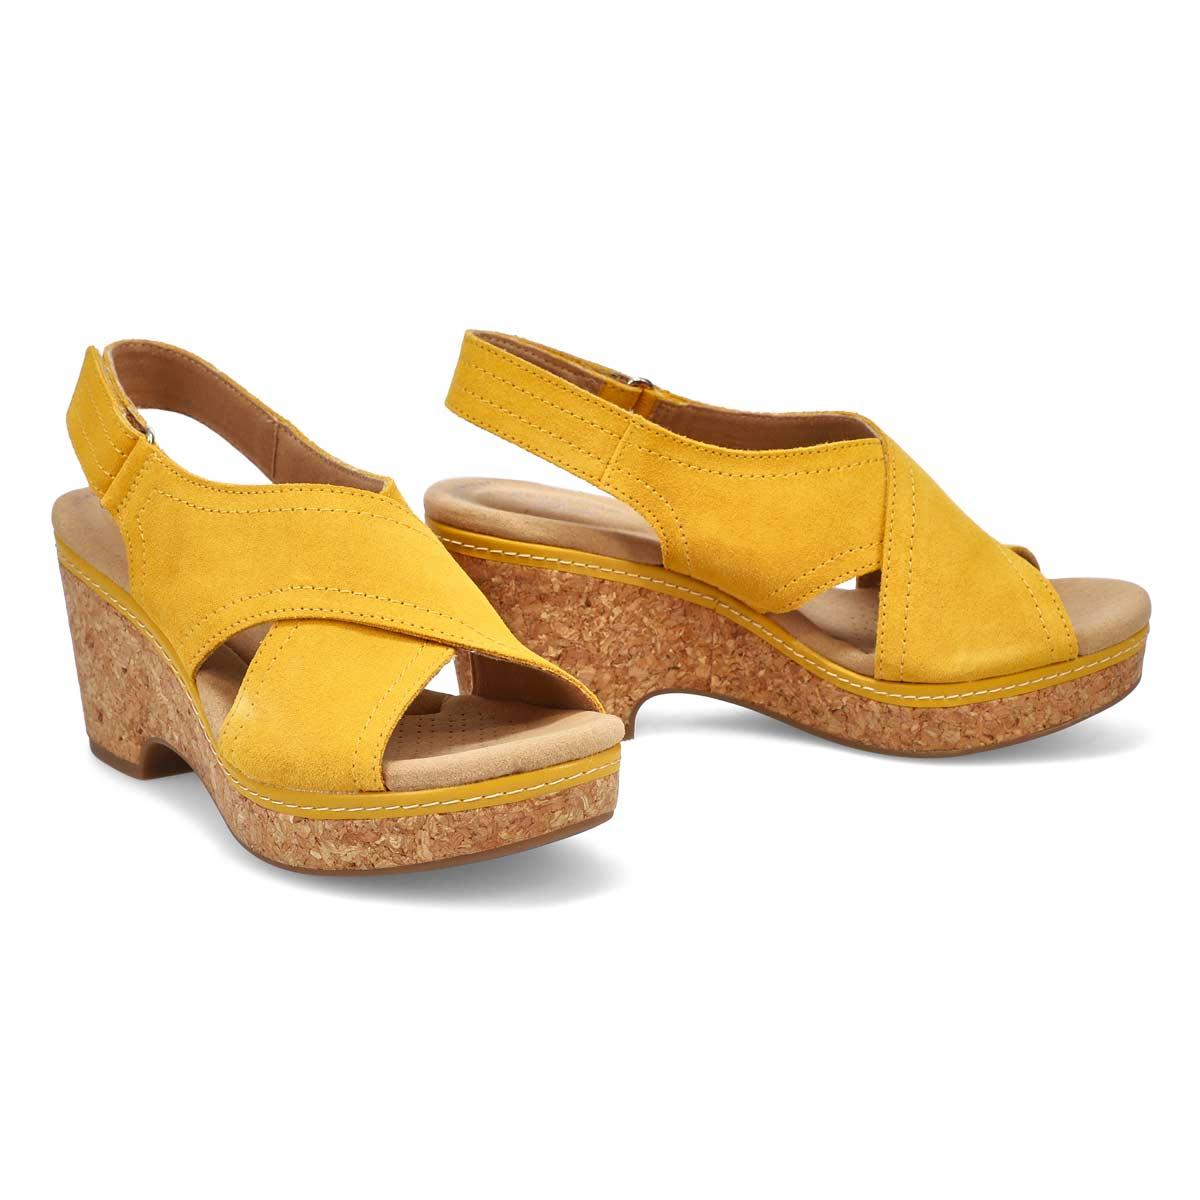 Women's Giselle Cove Sandal - Golden Yellow